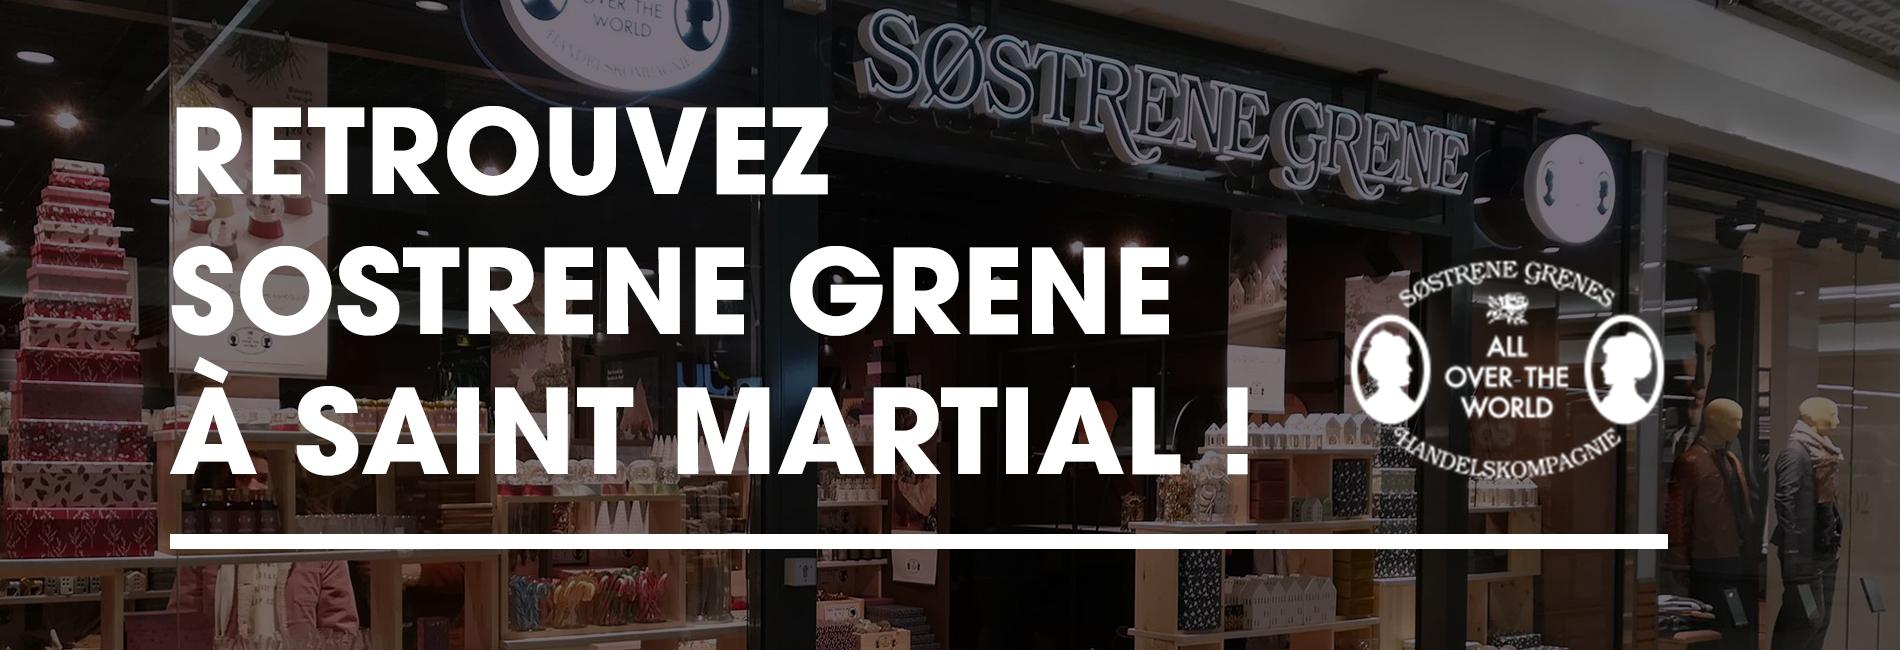 Saint Martial - Sostrene Grene